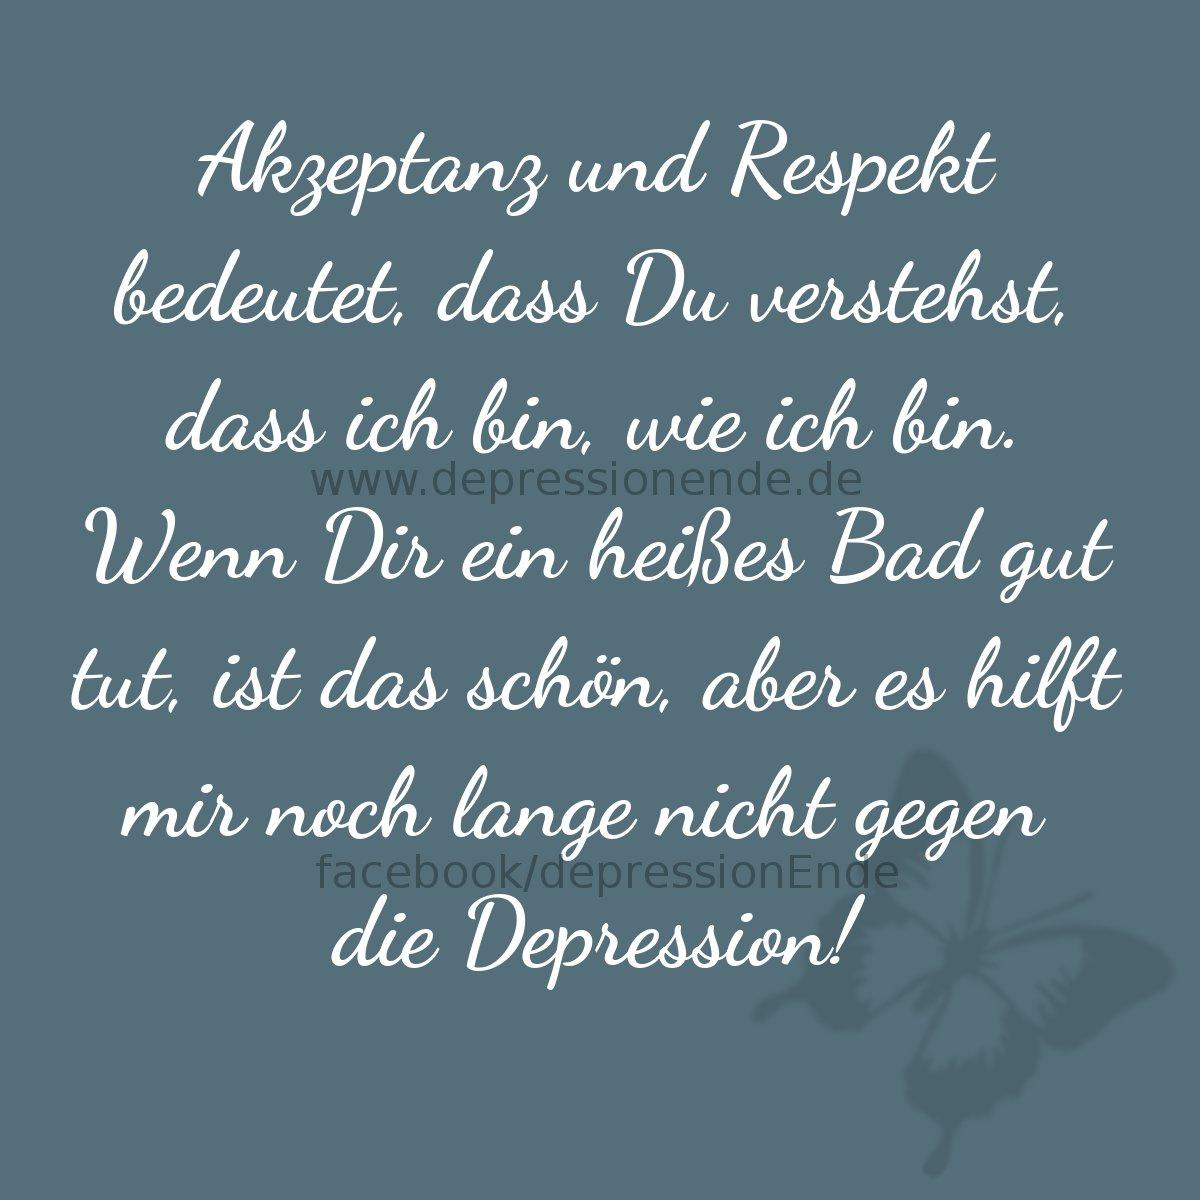 sprüche für depressive menschen Depressionen: Zitate, Sprüche, Spruchbilder und Gedanken sprüche für depressive menschen